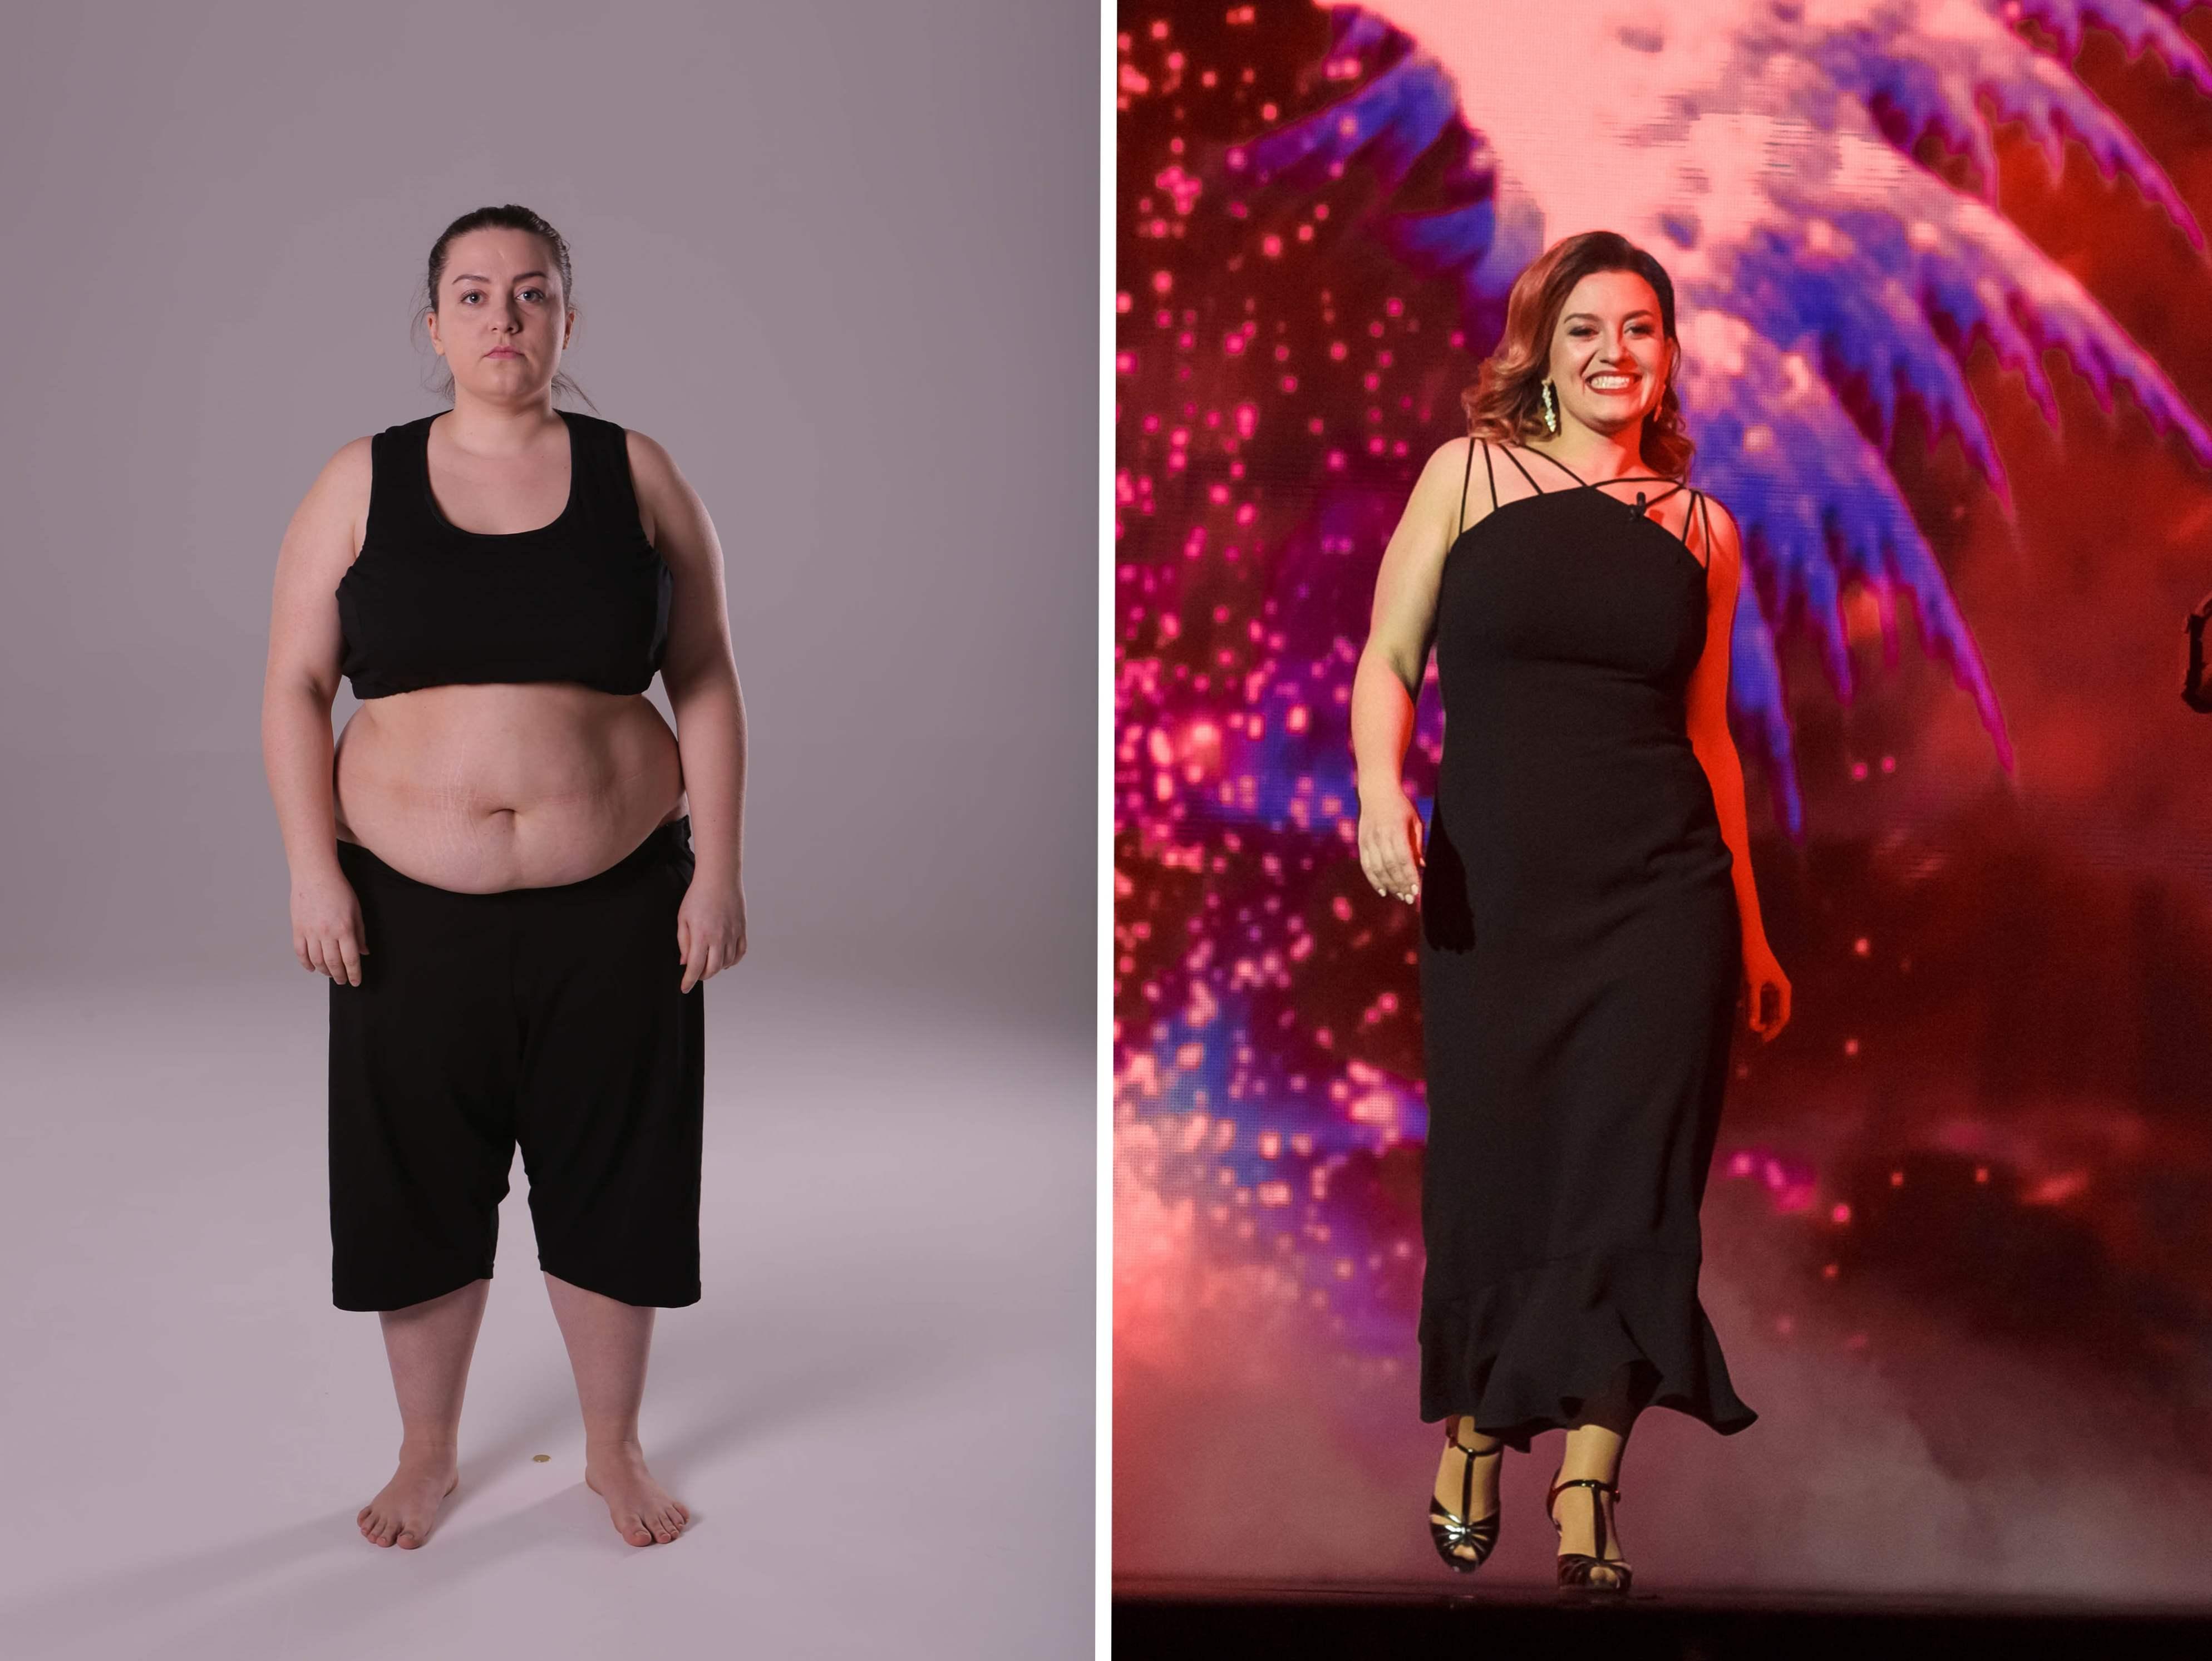 Проекты Похудения Вк. 4 совета как подобрать аудиторию под похудалку и настроить рекламную кампанию Вконтакте